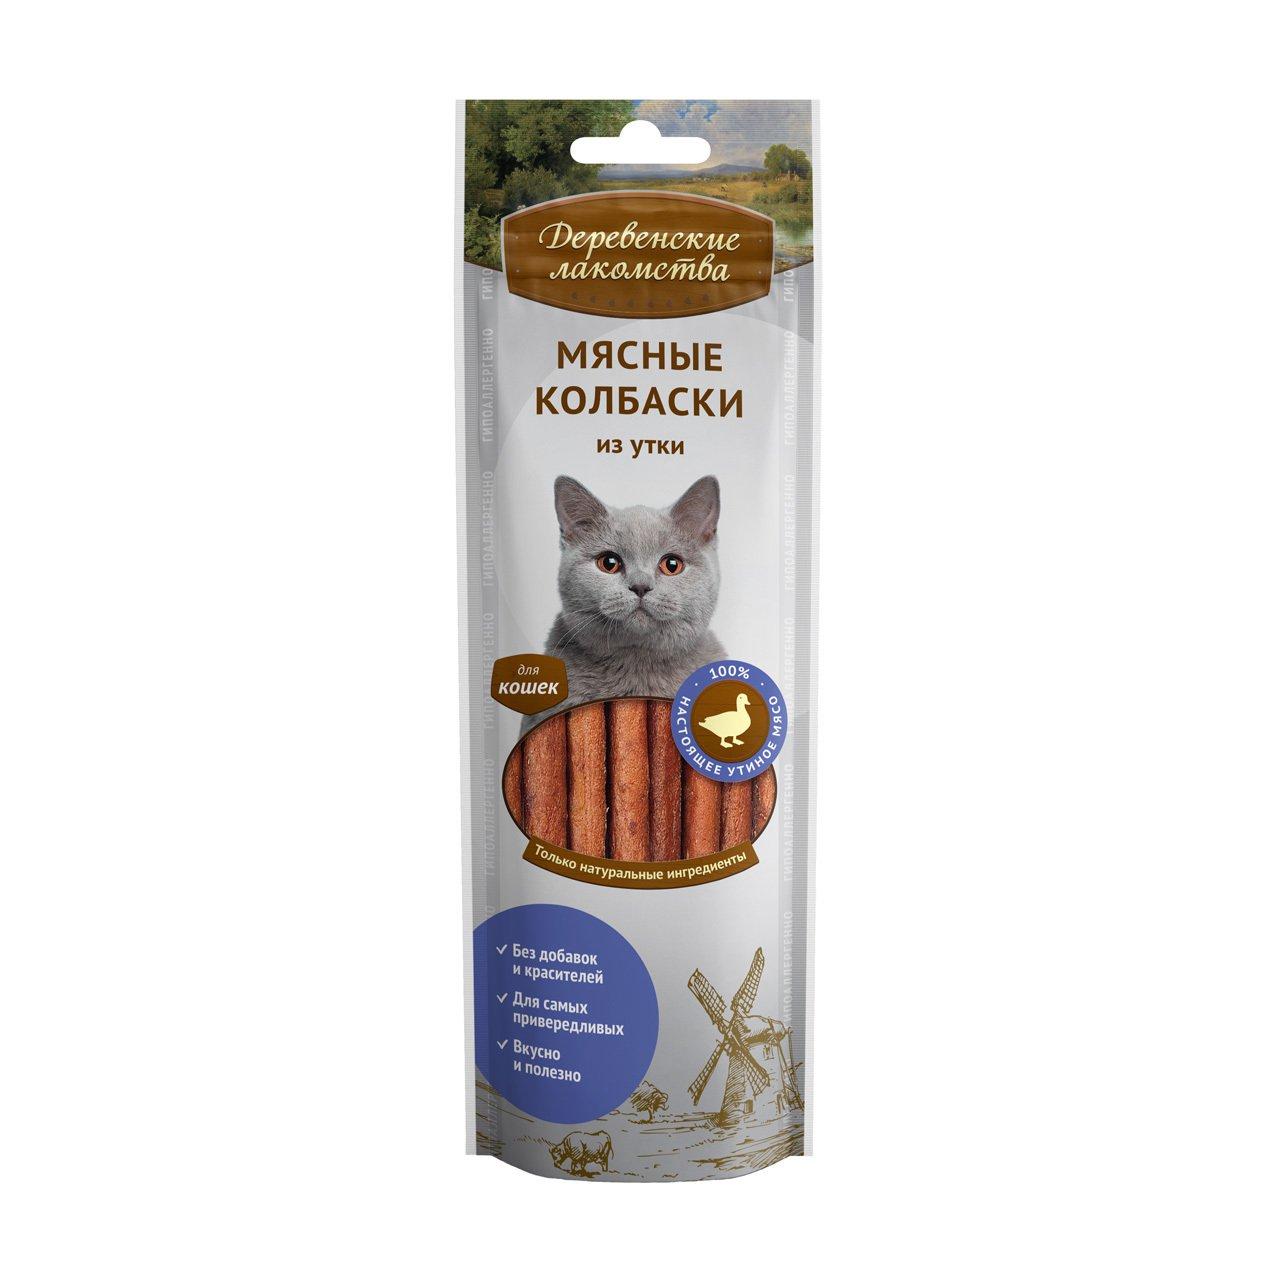 Мясные колбаски из утки для кошек, 50 гр, Деревенские лакомства фото